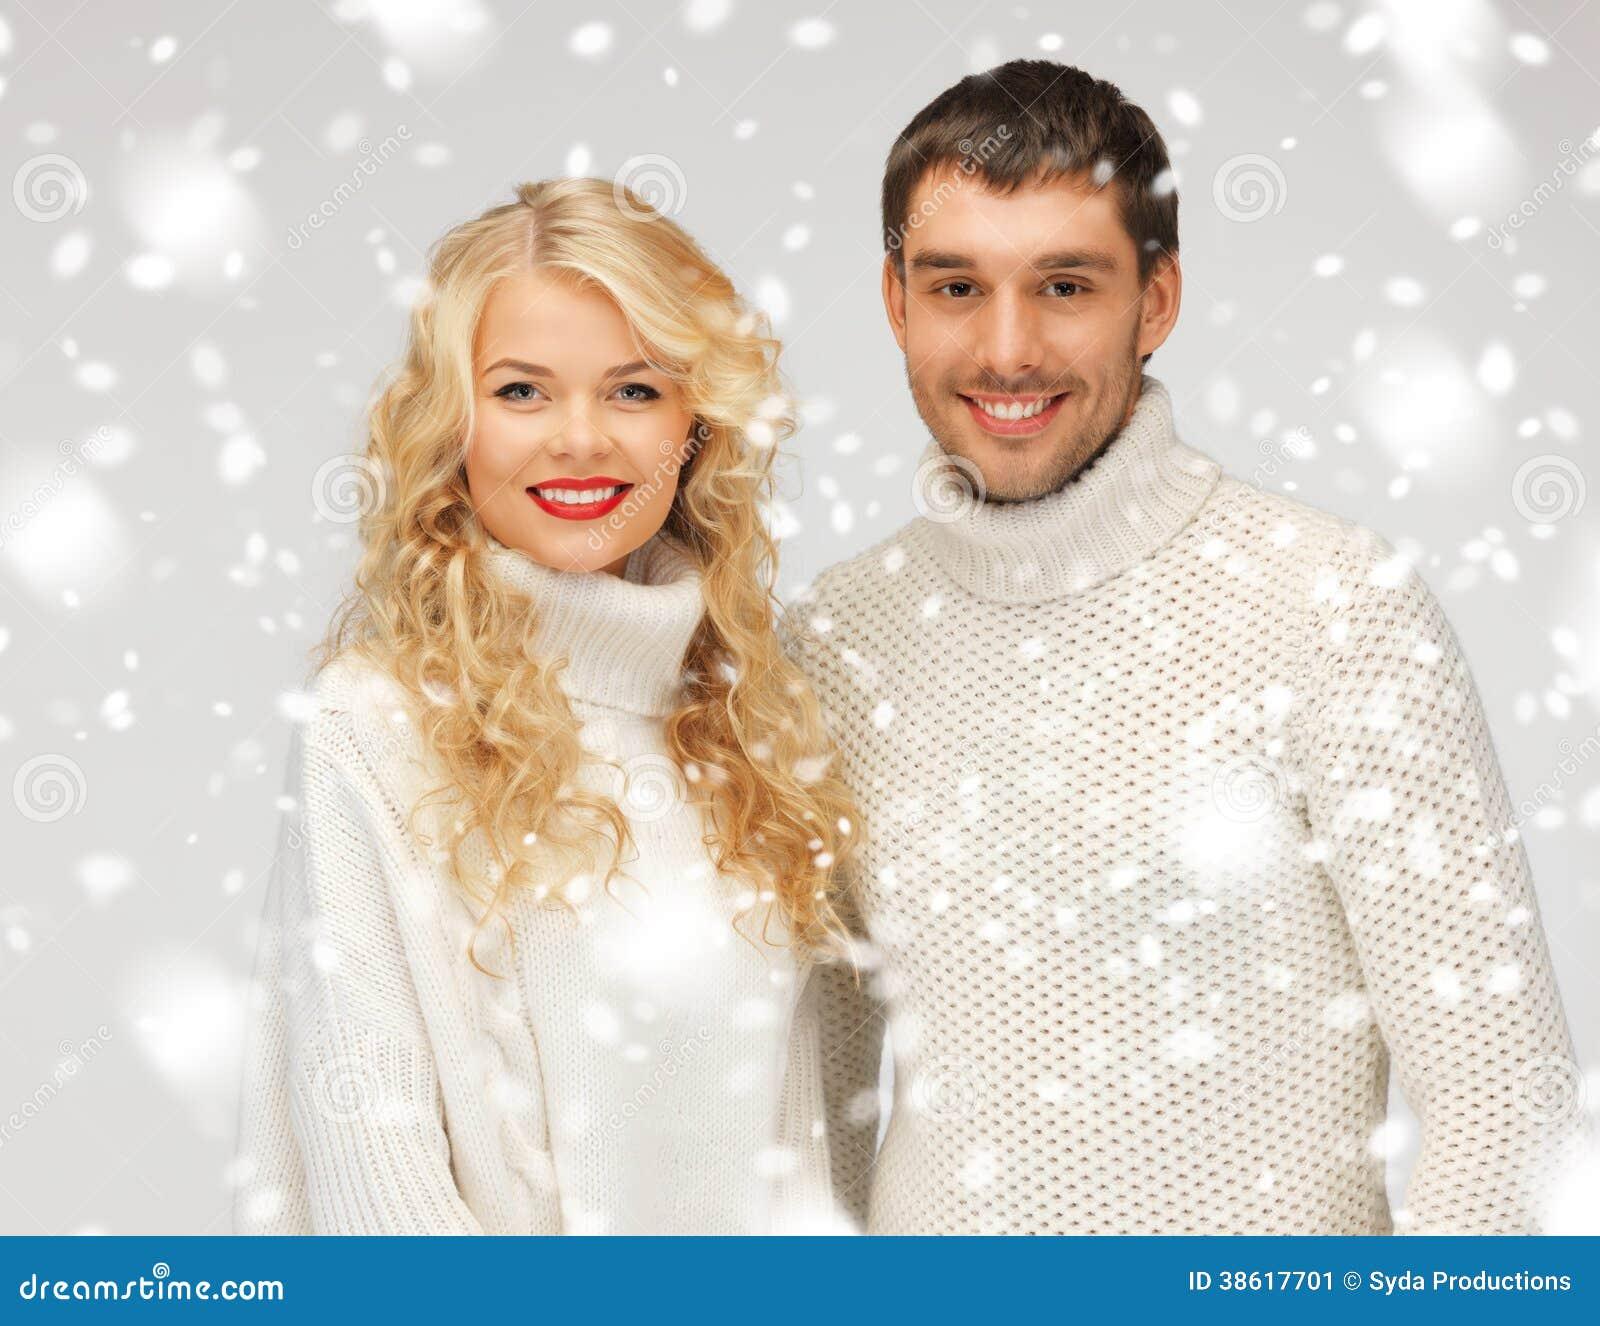 Русская семейная пара и девушка 26 фотография